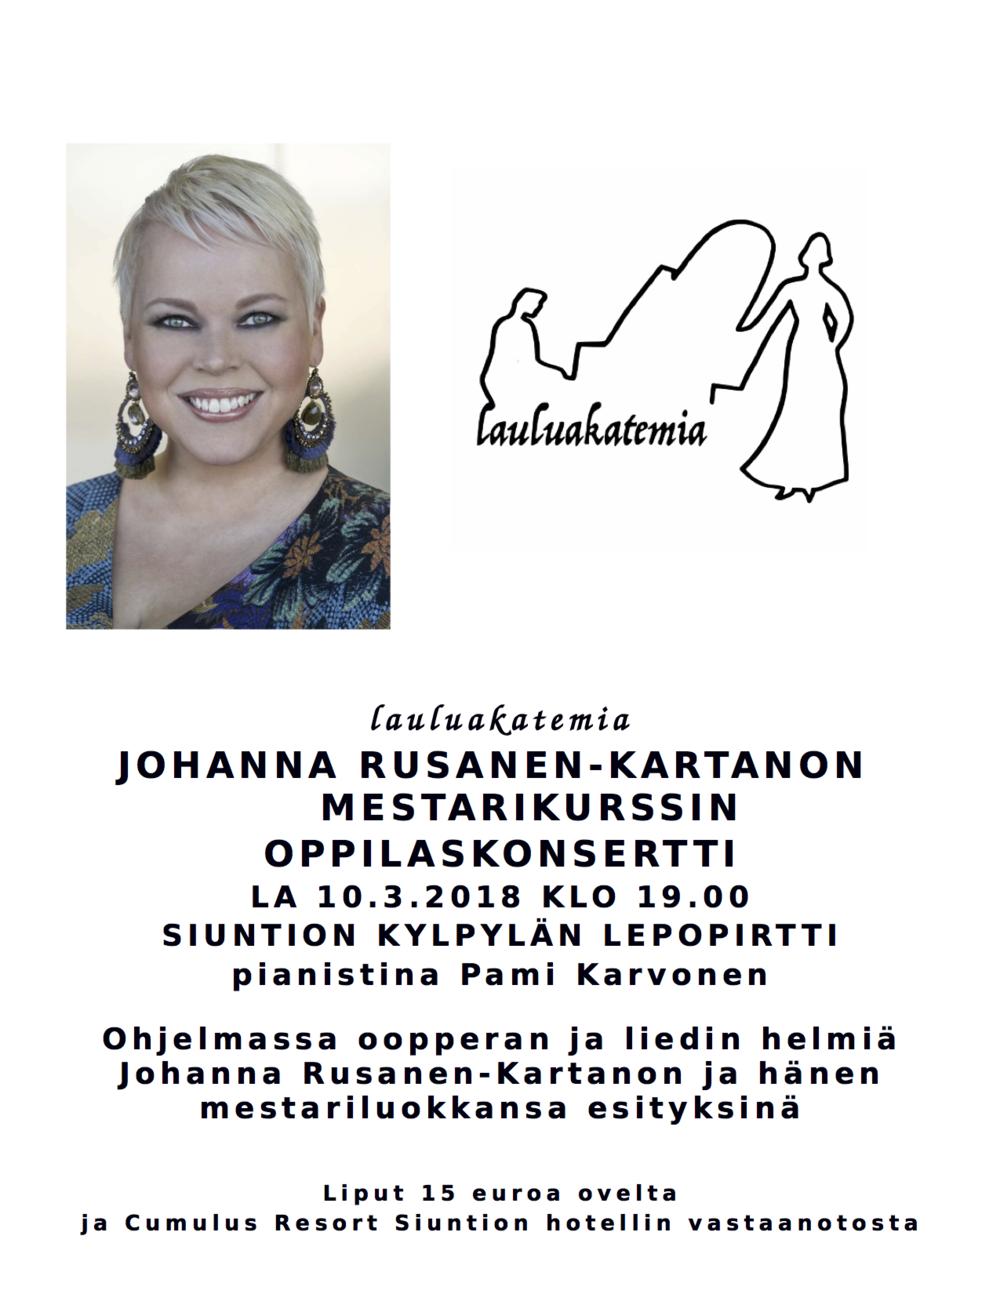 Johanna Rusanen-Kartanon mestarikurssin konsertti 10.3.2018 (kopio).png